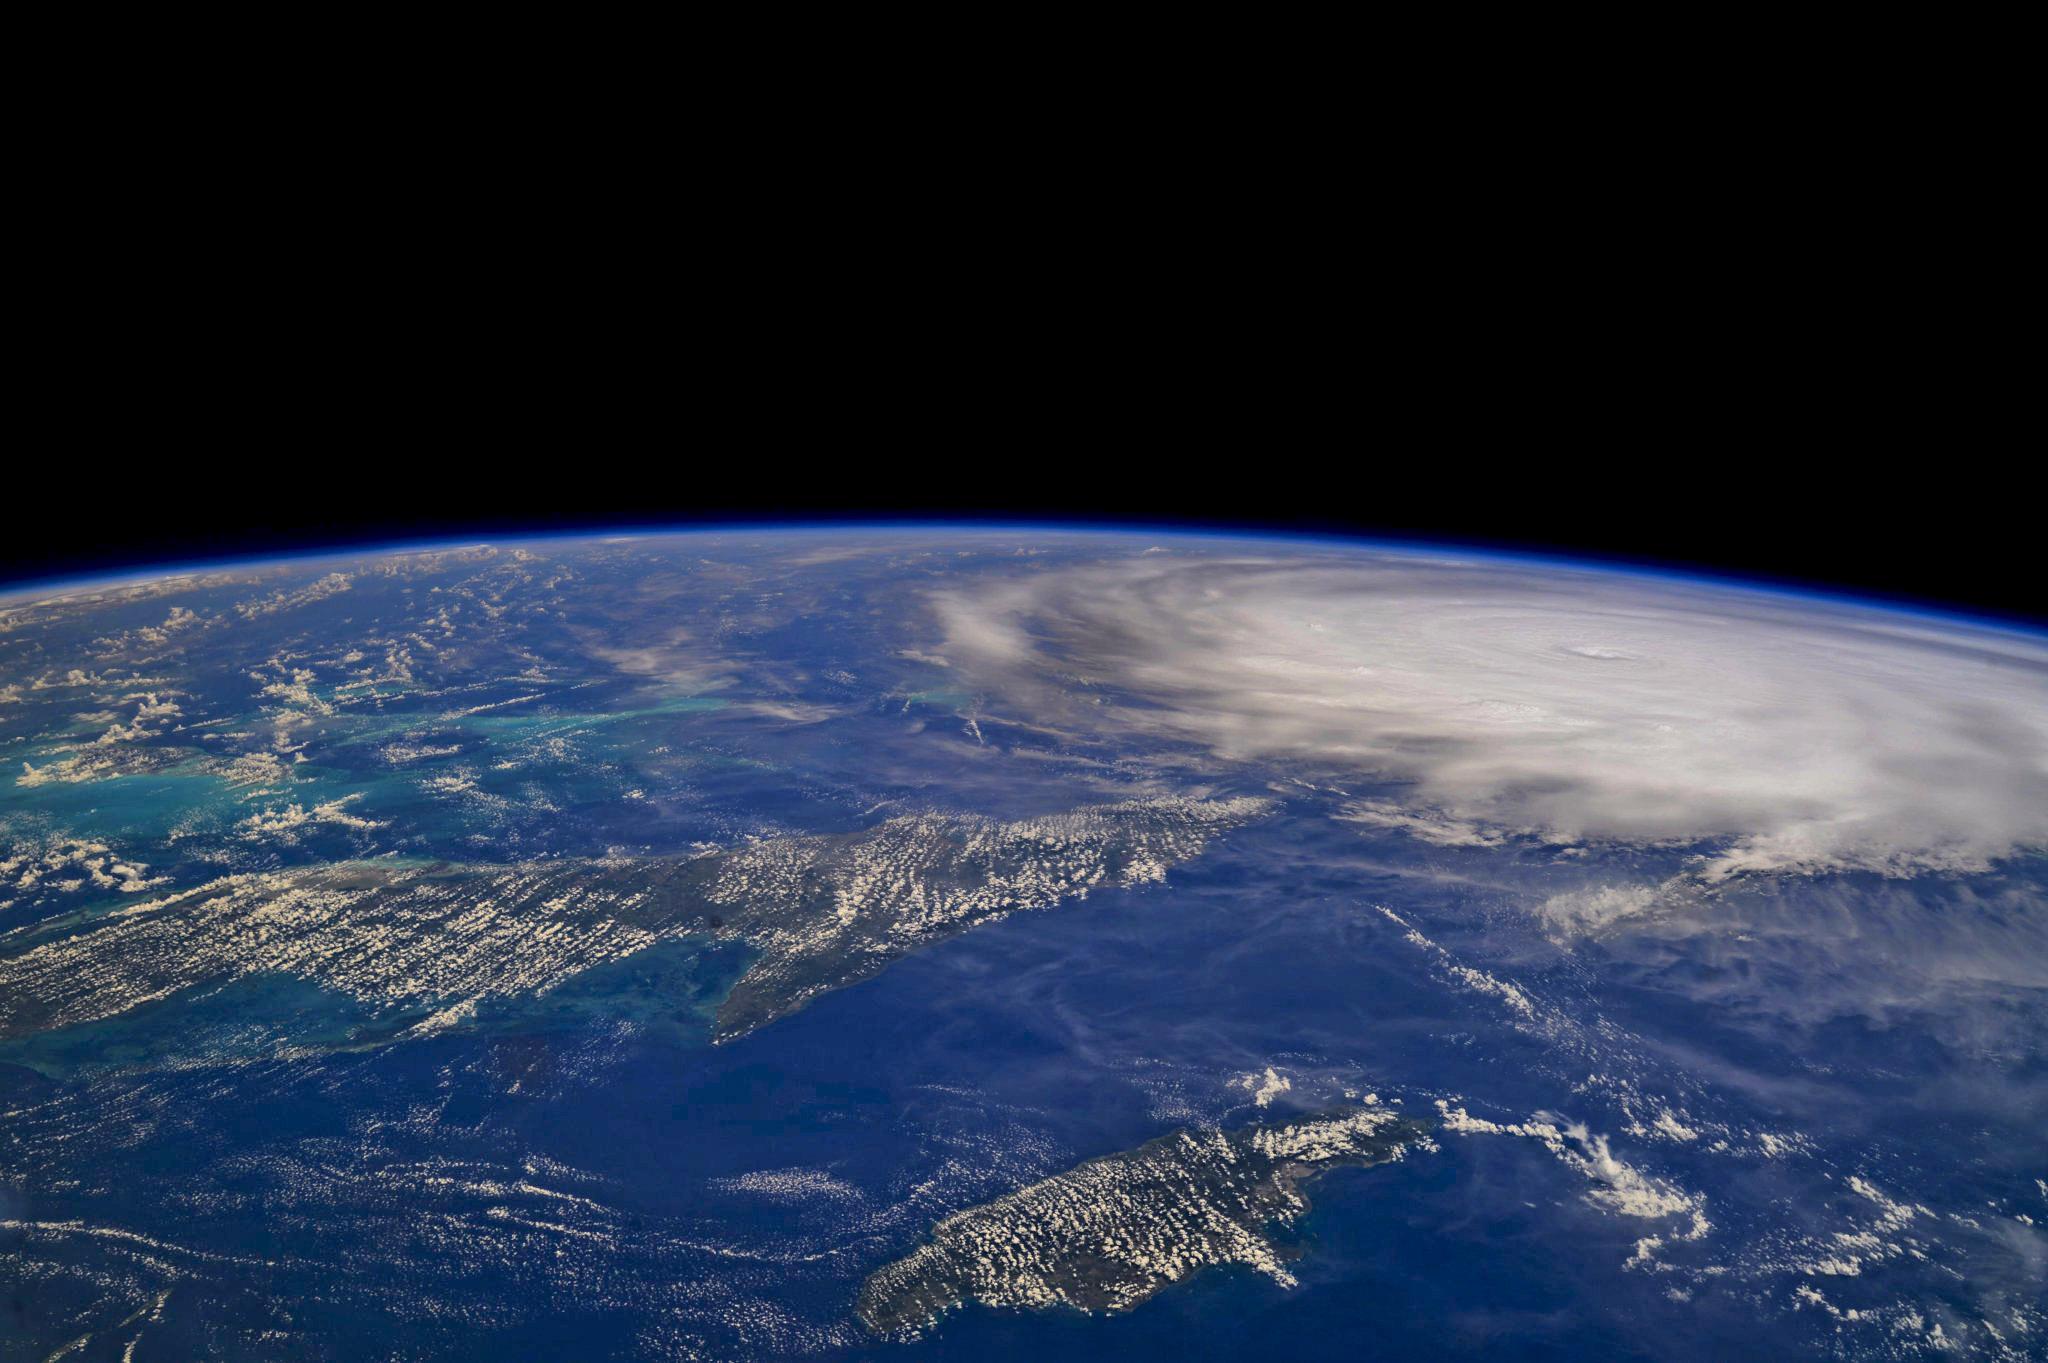 Furacão Irma visto do espaço - Foto: NASA